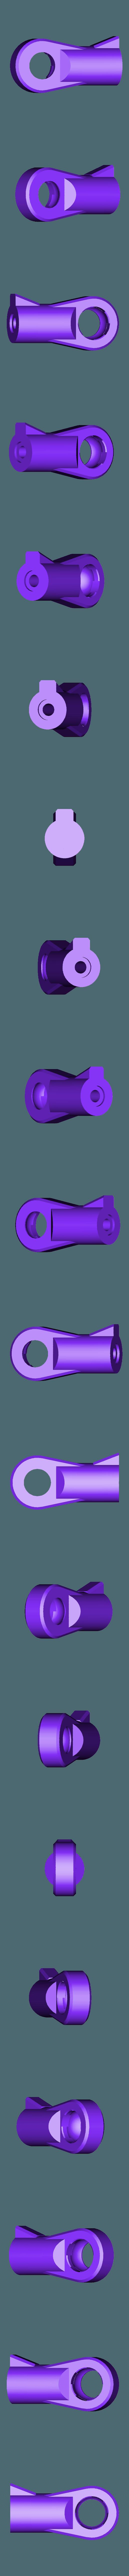 Shock_Rod_End_20190301_v2.stl Télécharger fichier STL gratuit Extrémité de tige d'amortisseur Arrma • Modèle à imprimer en 3D, peterbroeders